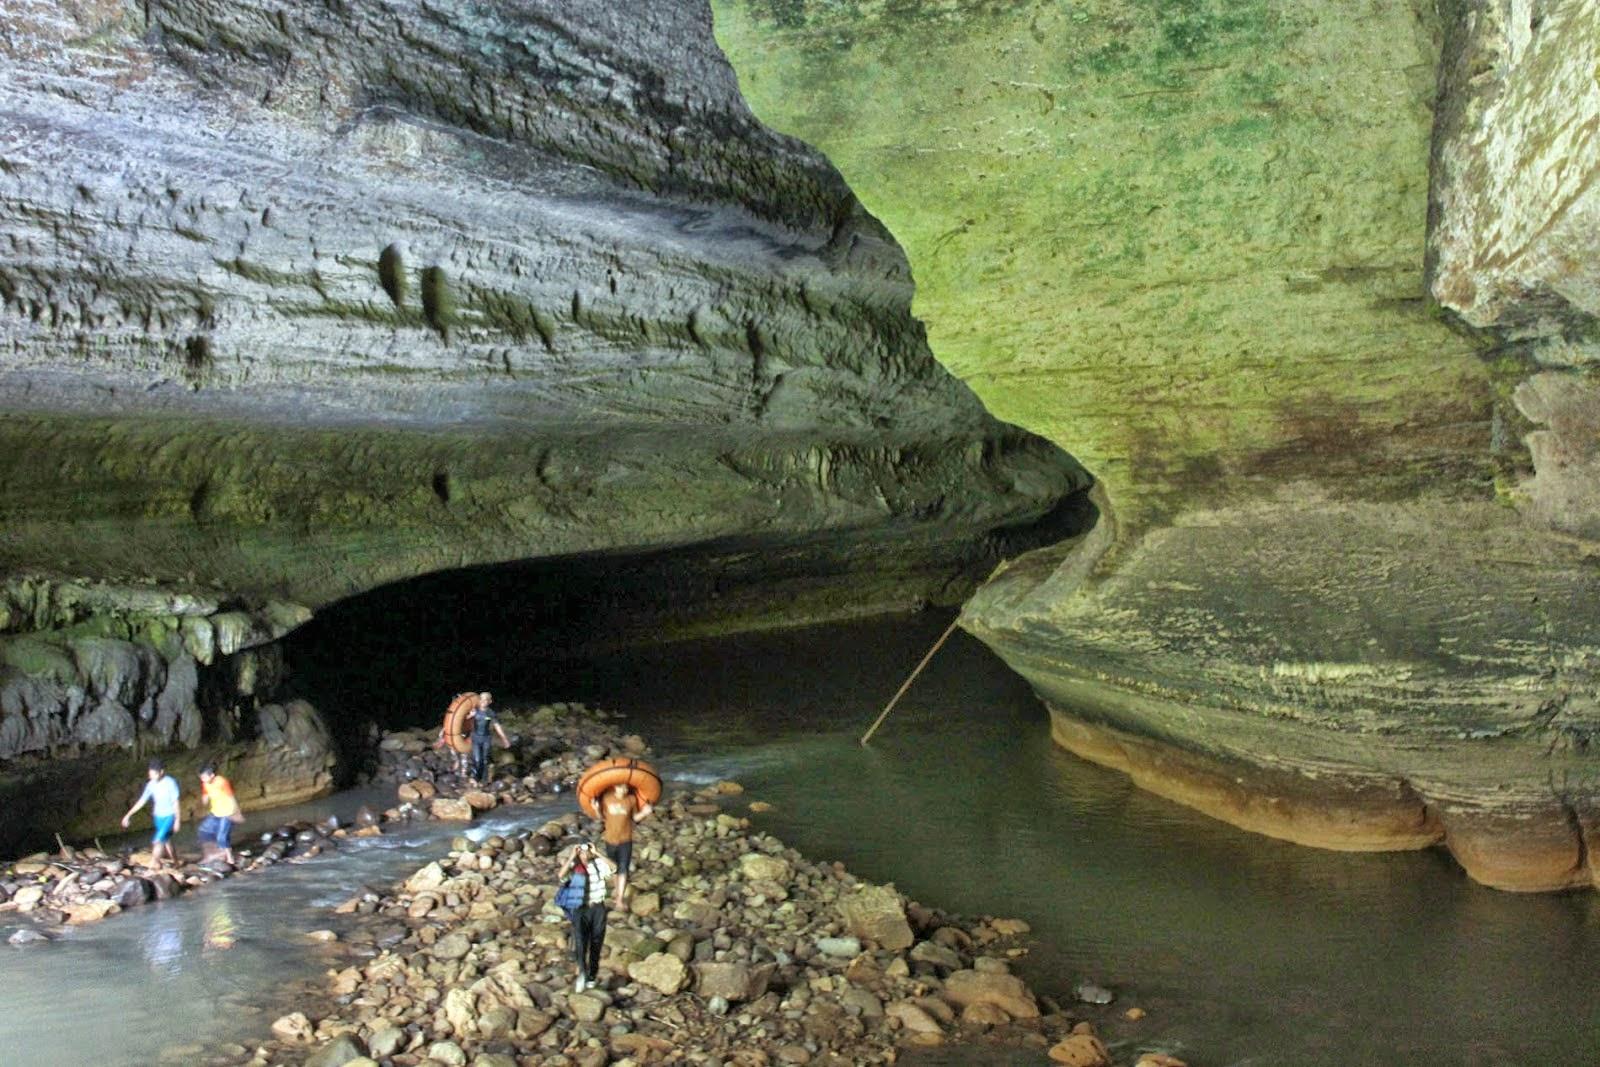 gua sinjanglawang